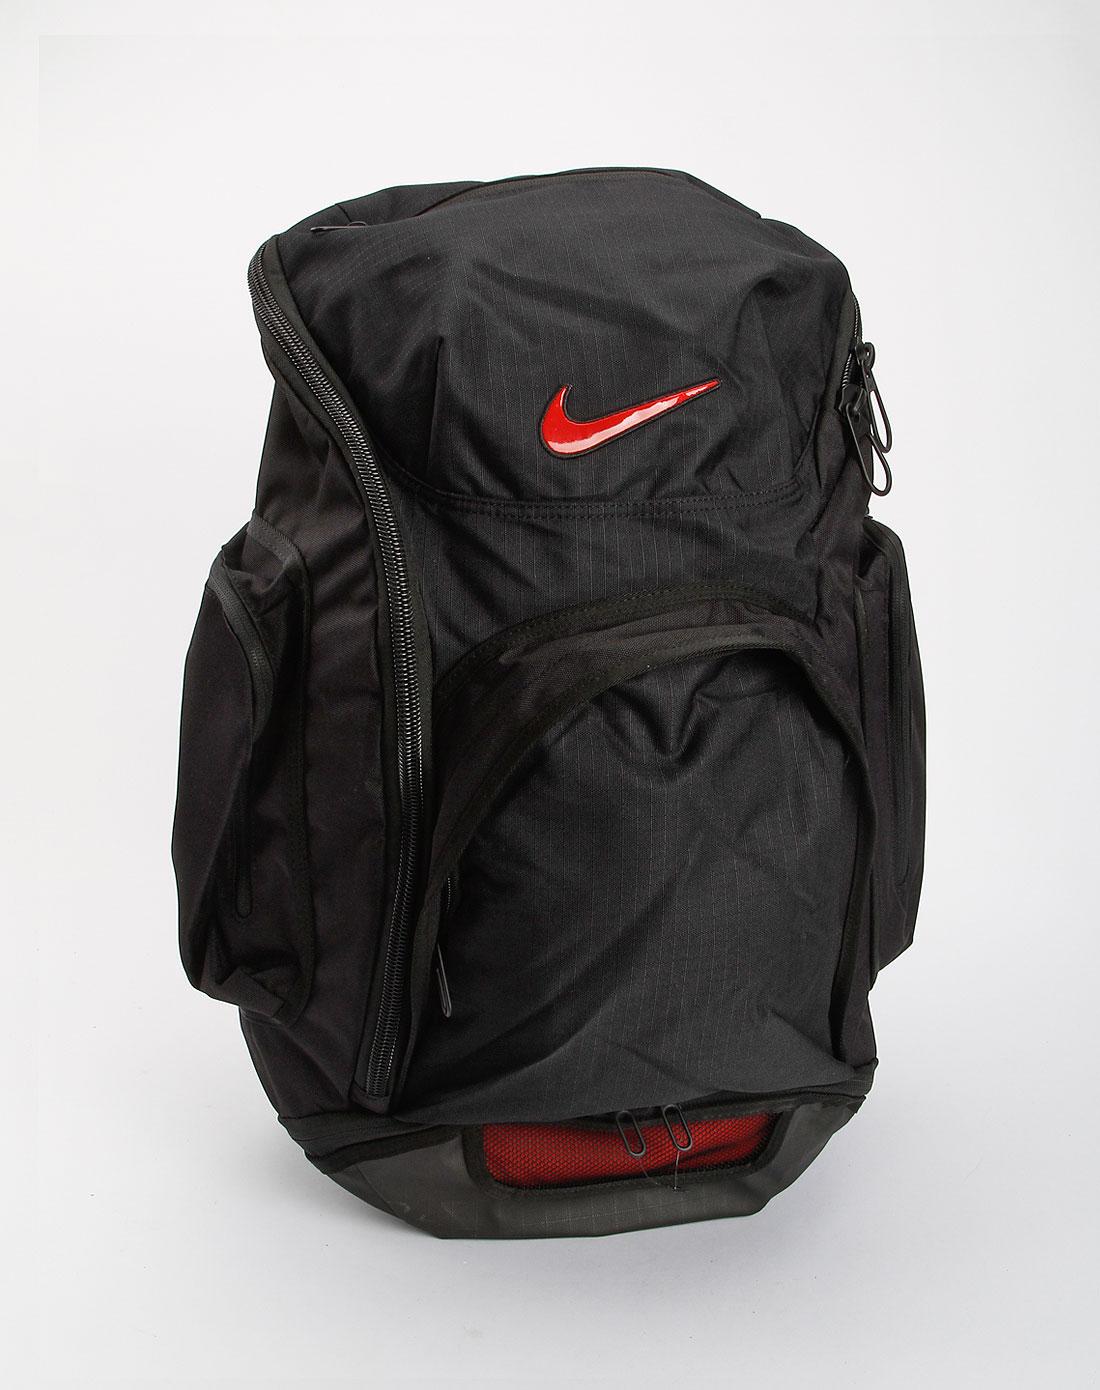 耐克nike-包包中性黑色篮球背包